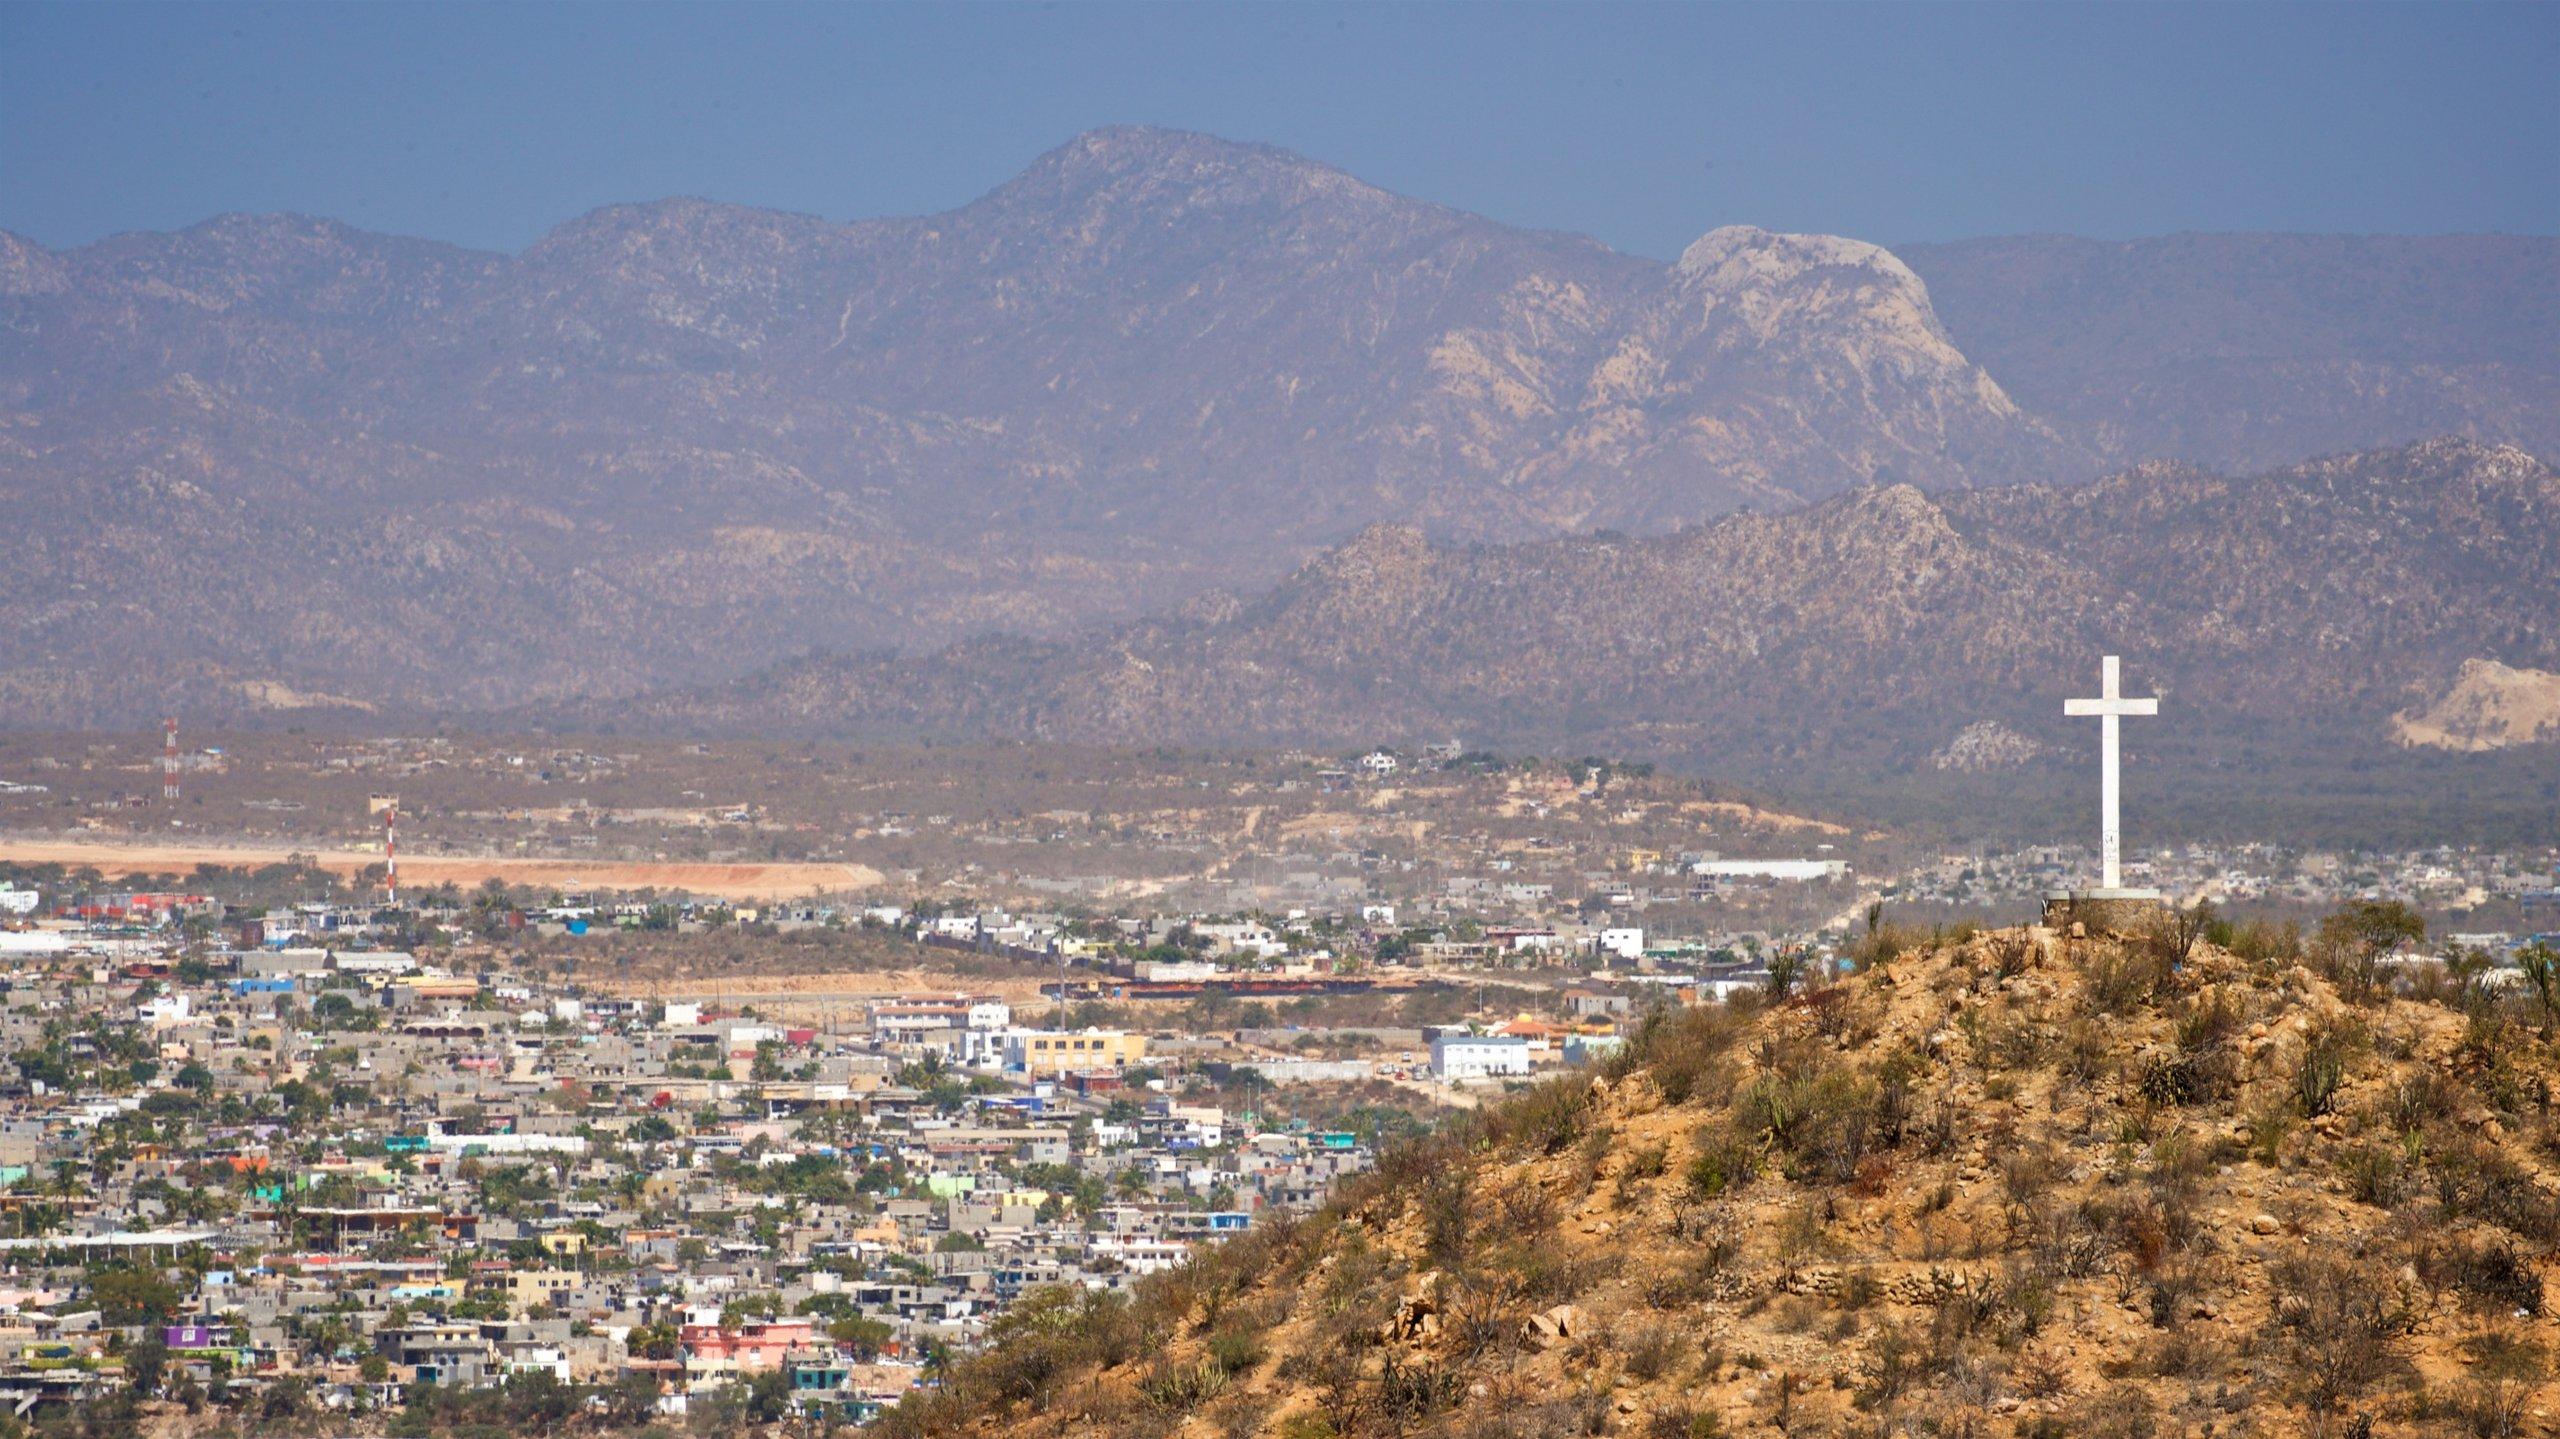 Cerro de la Z